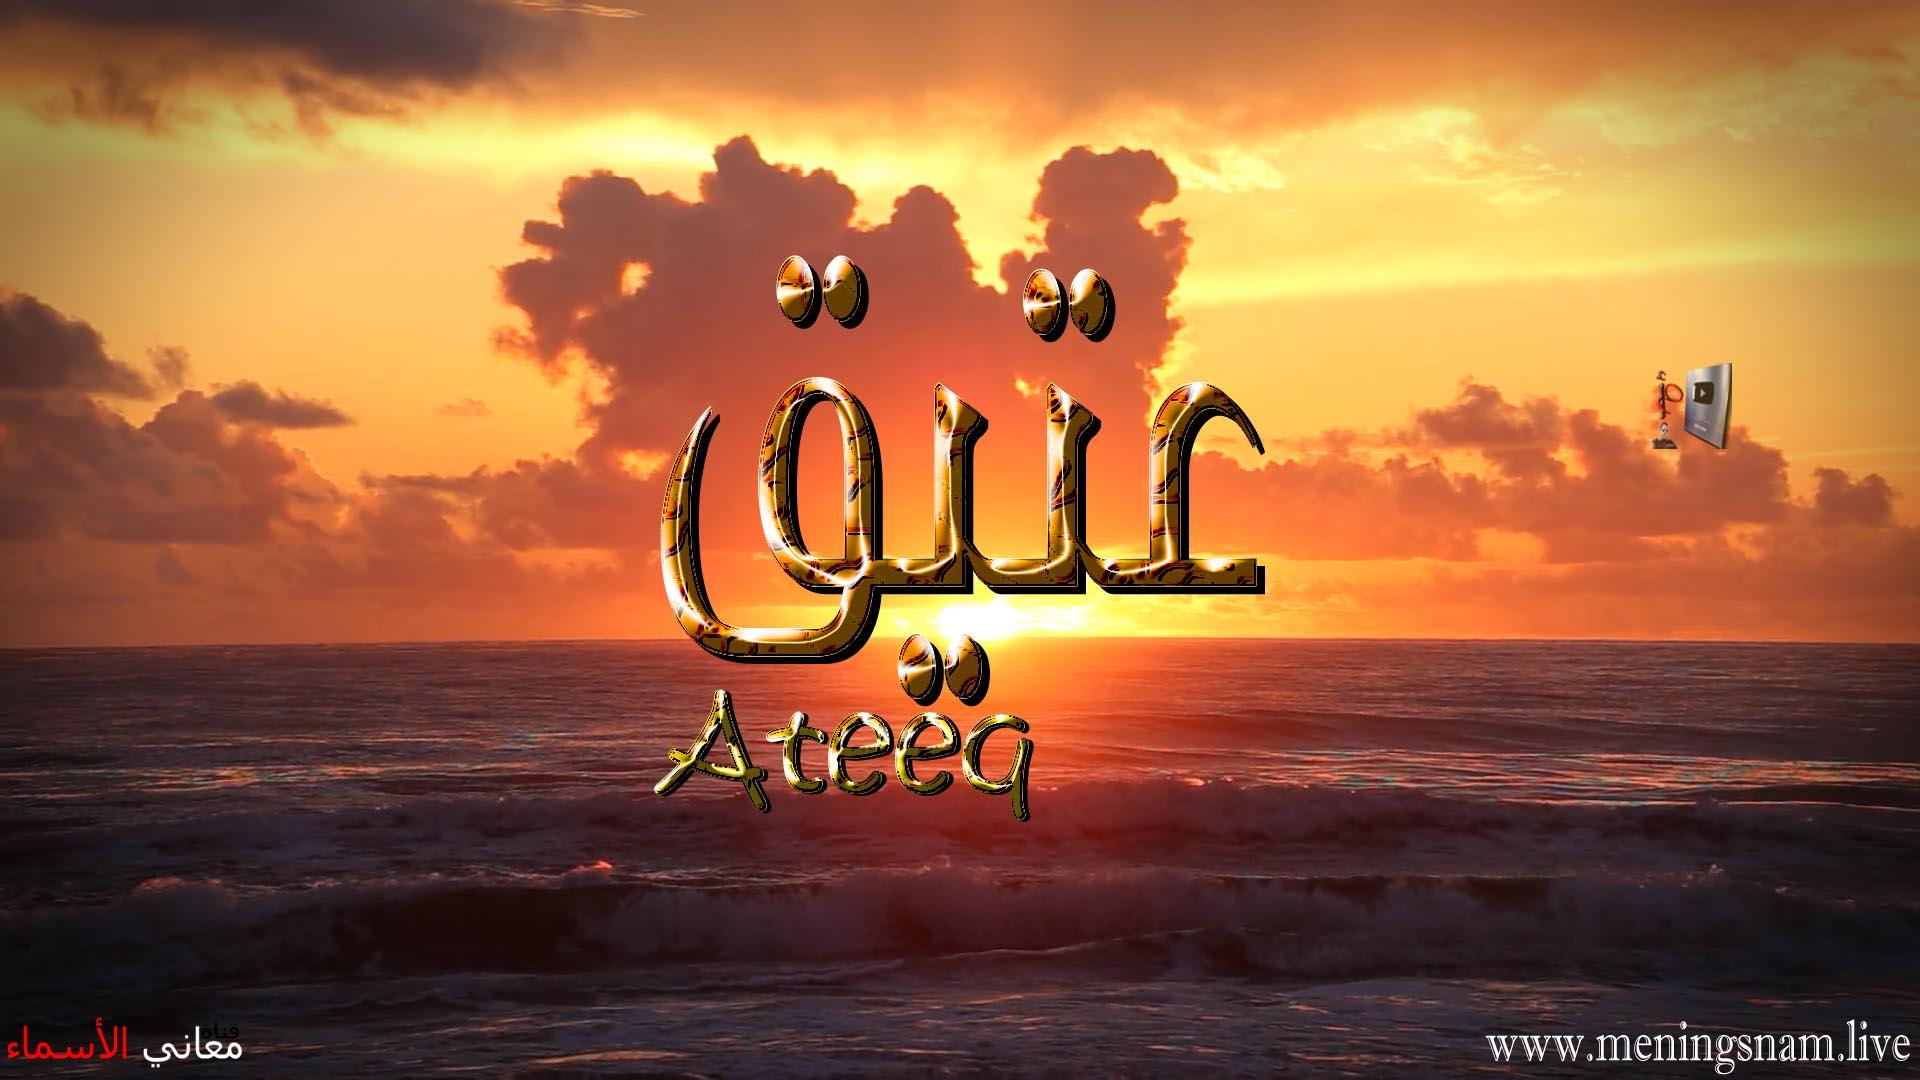 معنى اسم عتيق وصفات حامل هذا الاسم Ateeq